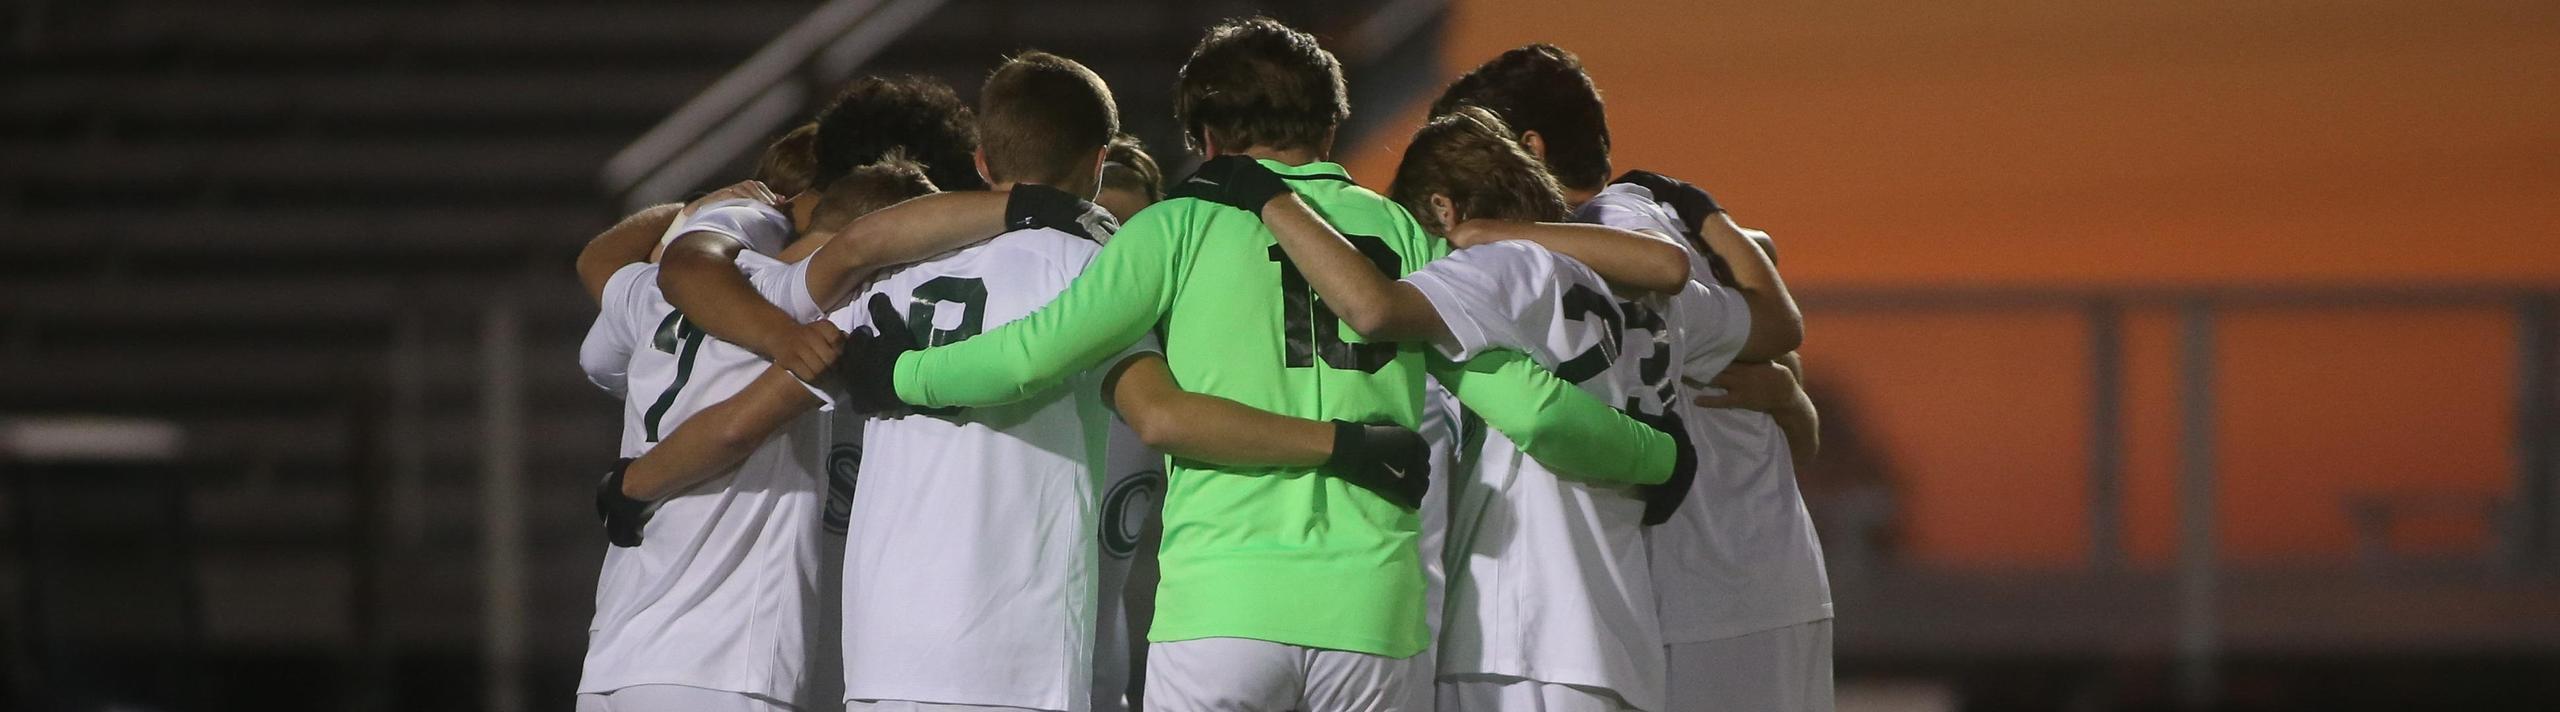 Soccer Team Prayer